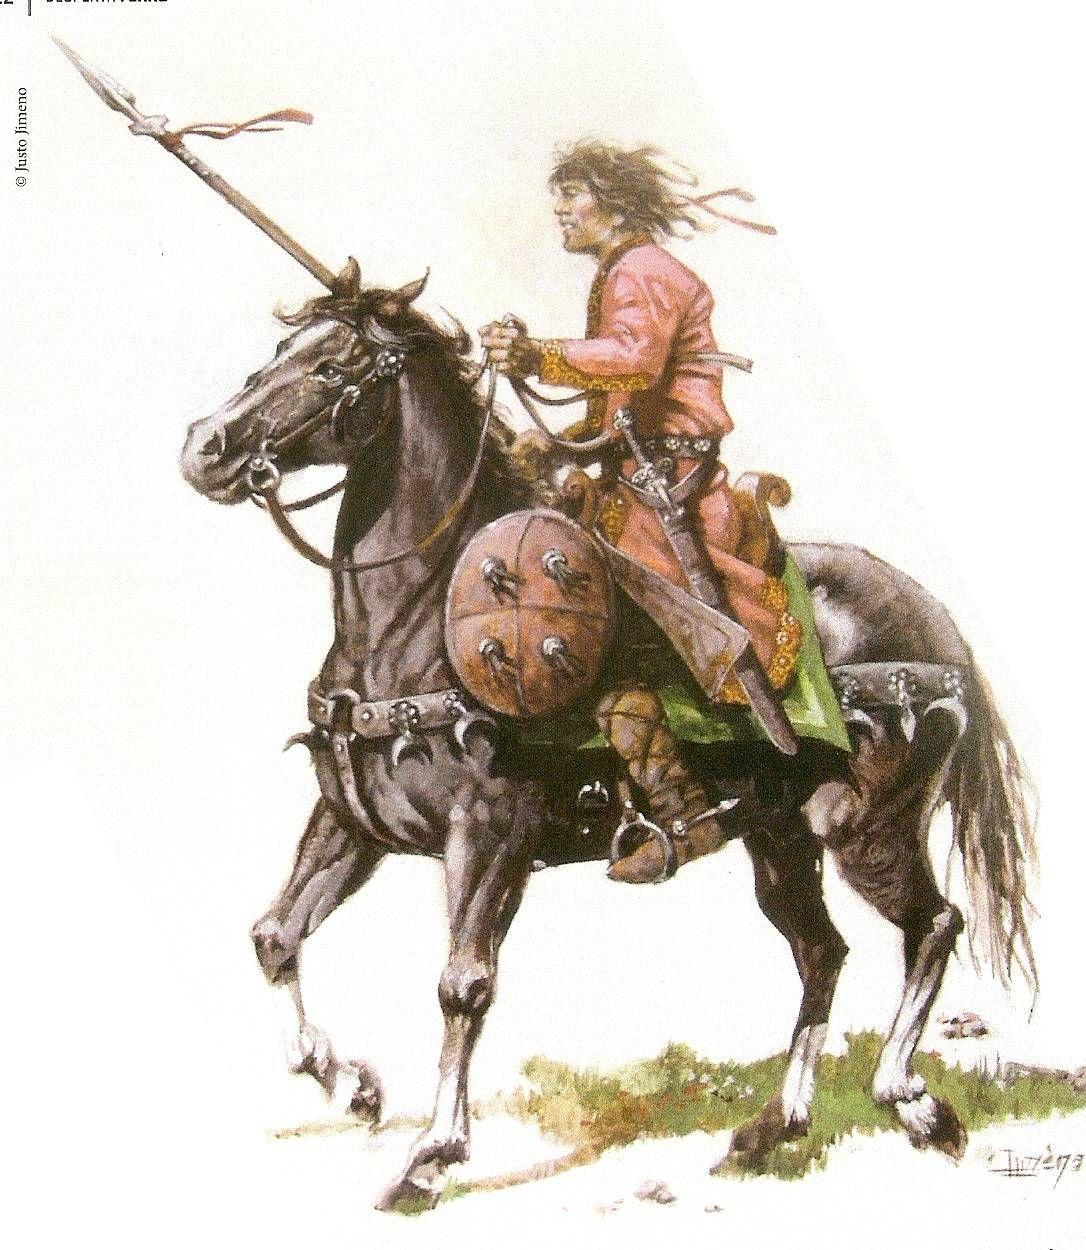 Justo Jimeno - Guerrero castellano (cristiano) del siglo X